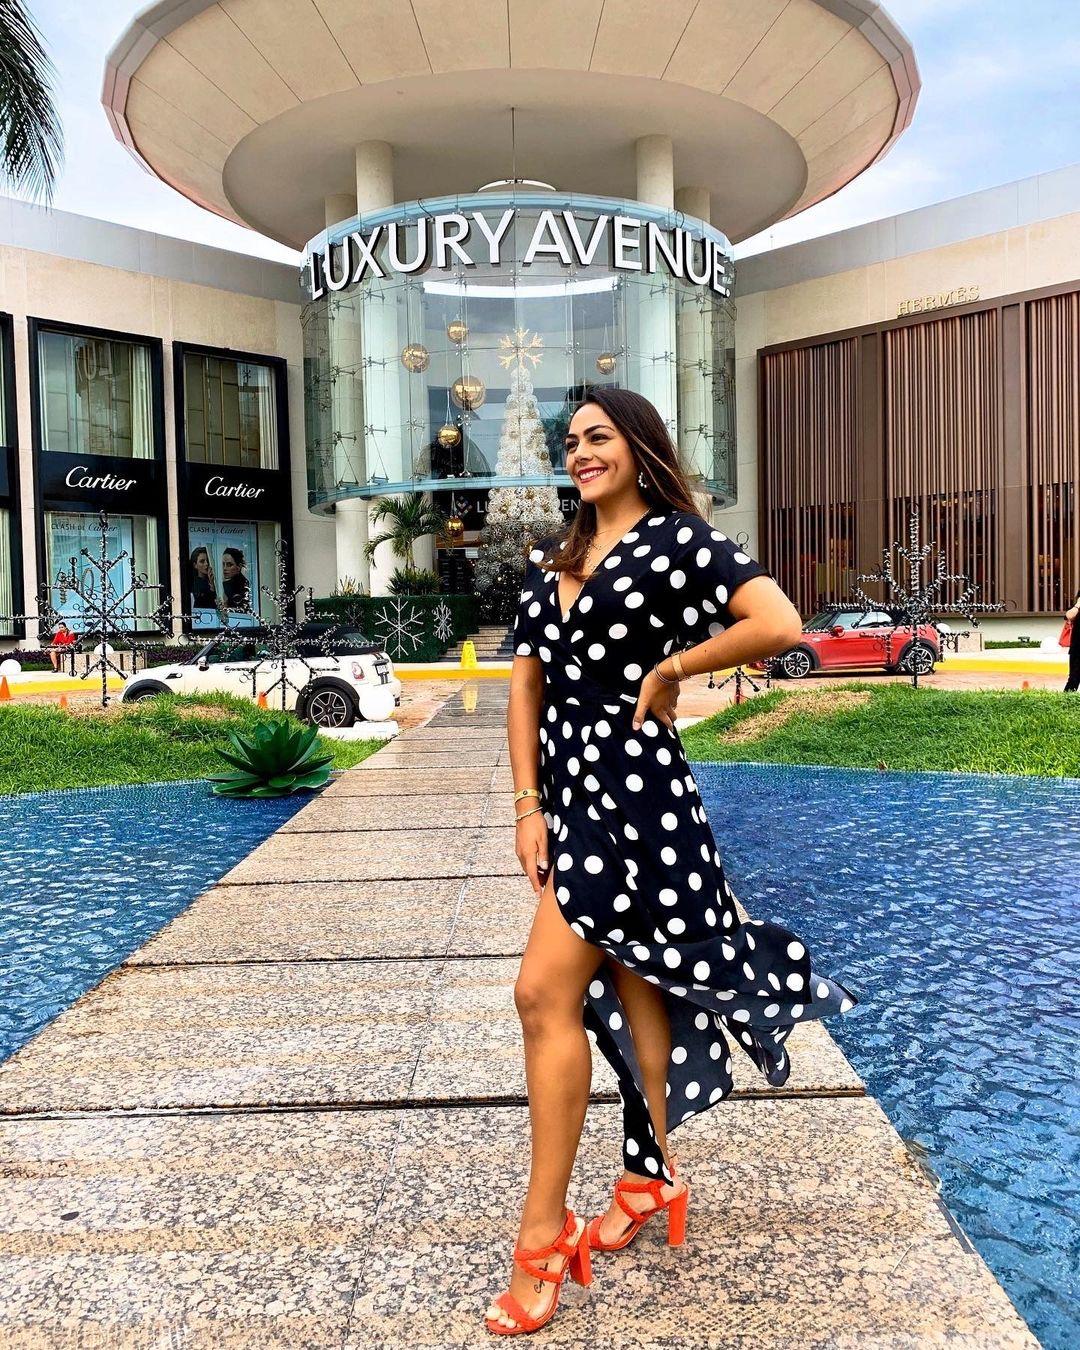 Luxury-Avenue-Boutique-Mall